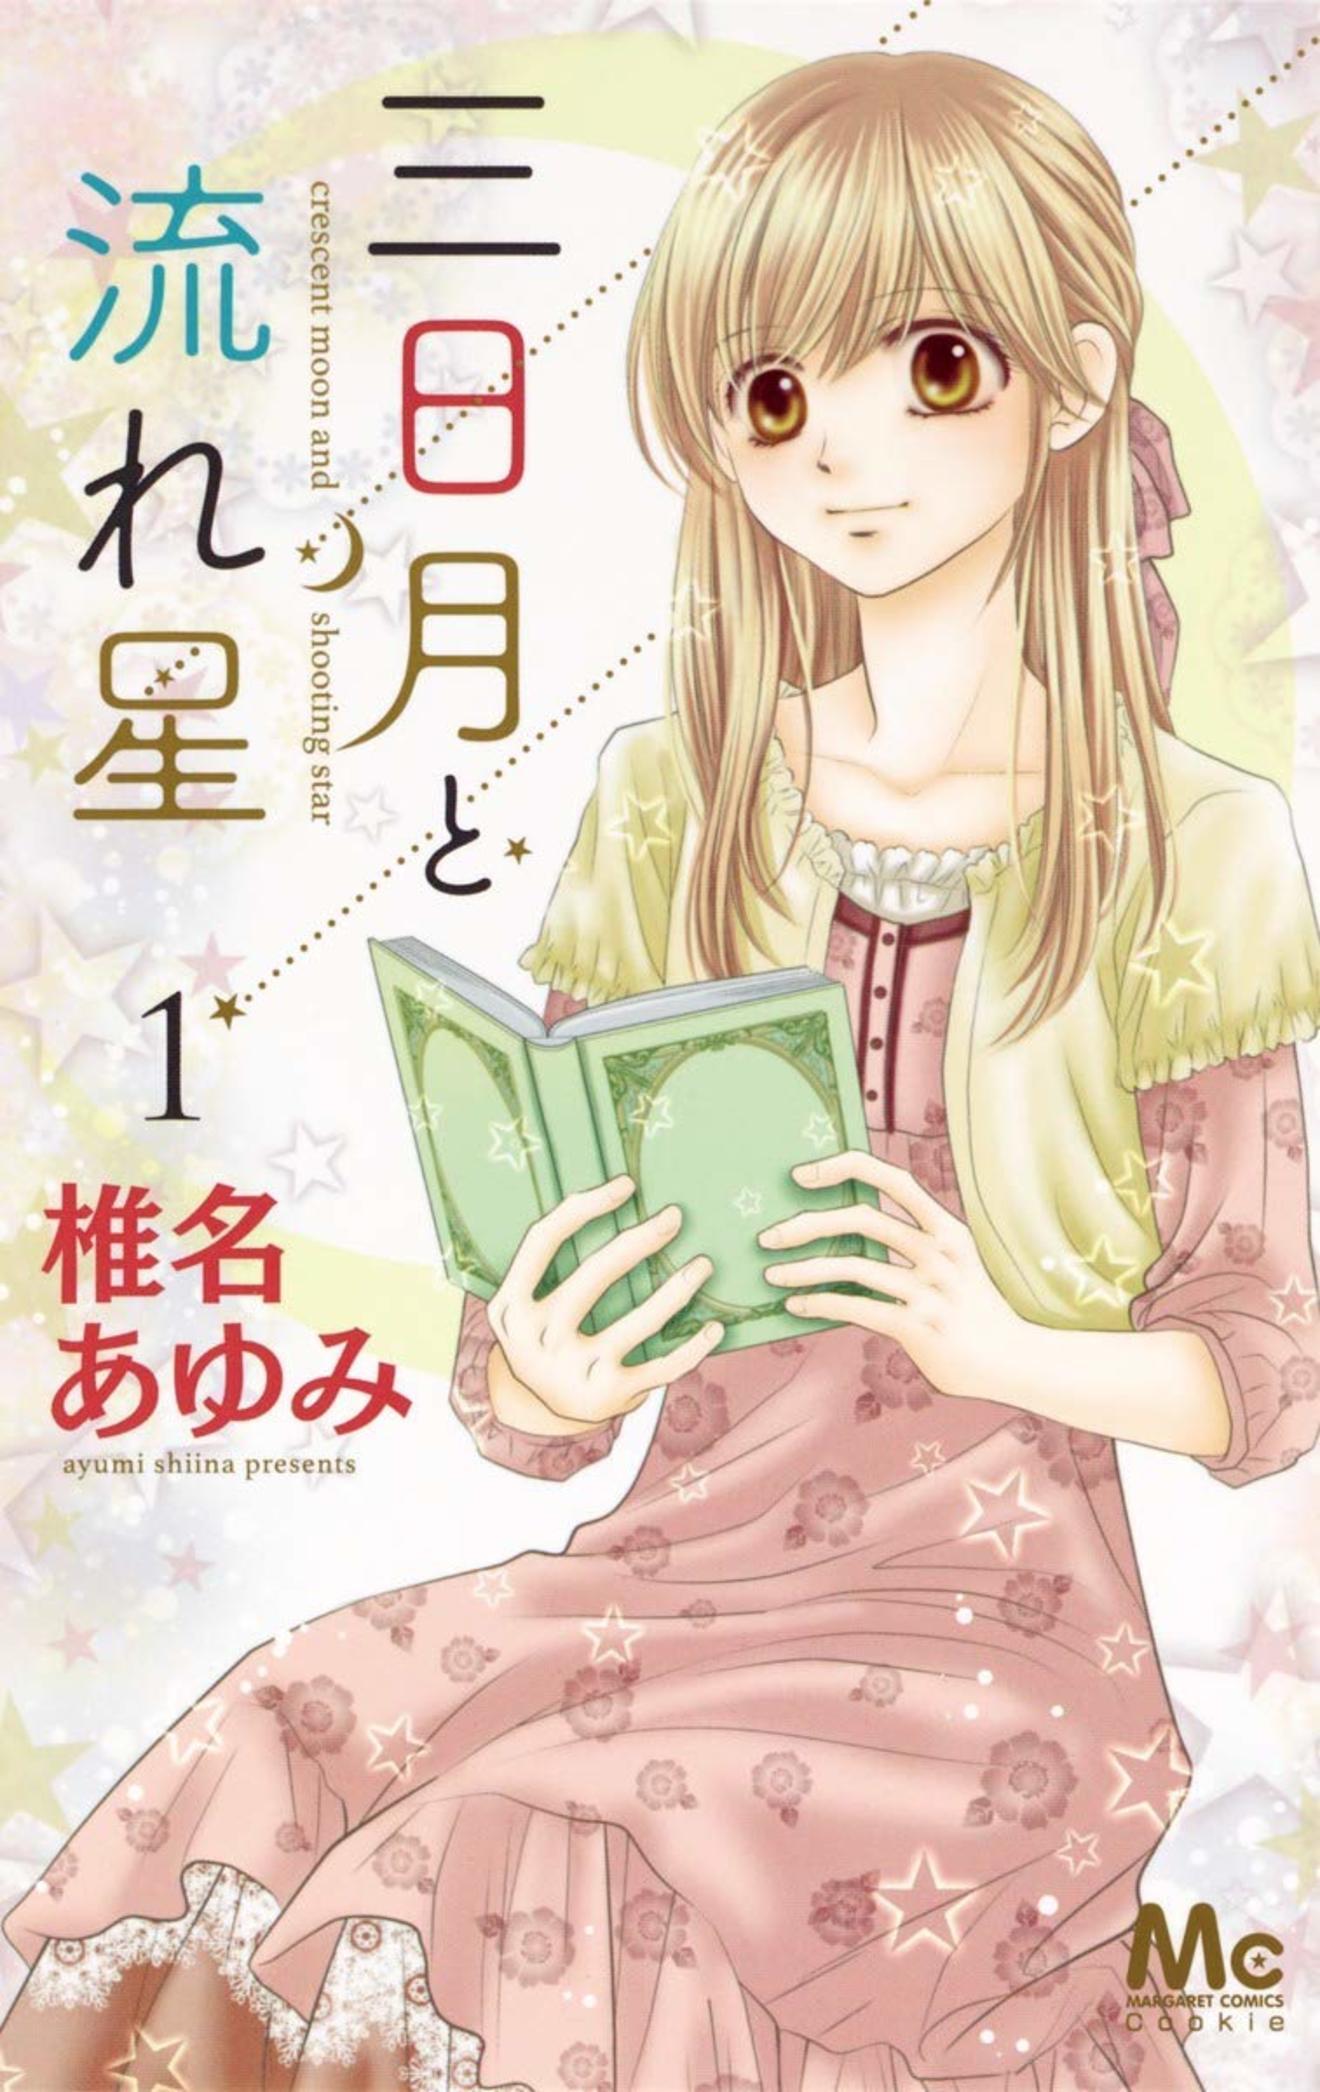 『三日月と流れ星』6巻までネタバレ!「ベイビィLOVE」続編掲載【無料】